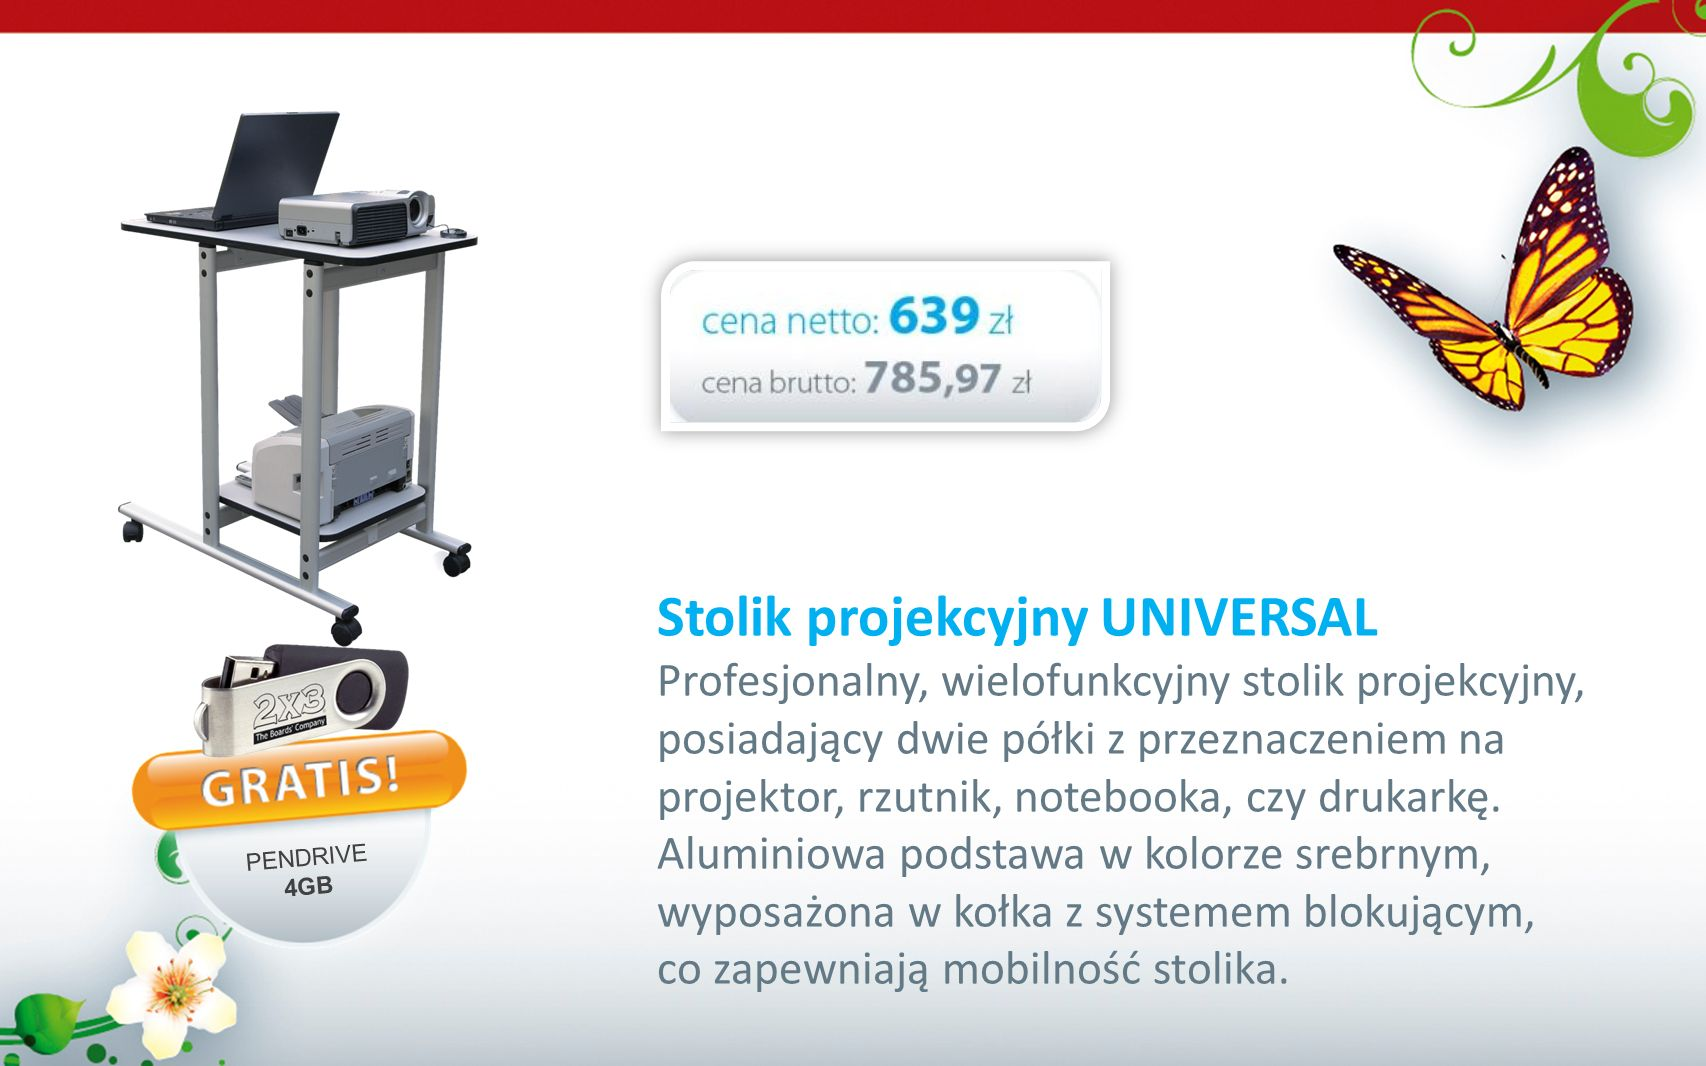 Stolik projekcyjny UNIVERSAL Profesjonalny, wielofunkcyjny stolik projekcyjny, posiadający dwie półki z przeznaczeniem na projektor, rzutnik, notebook